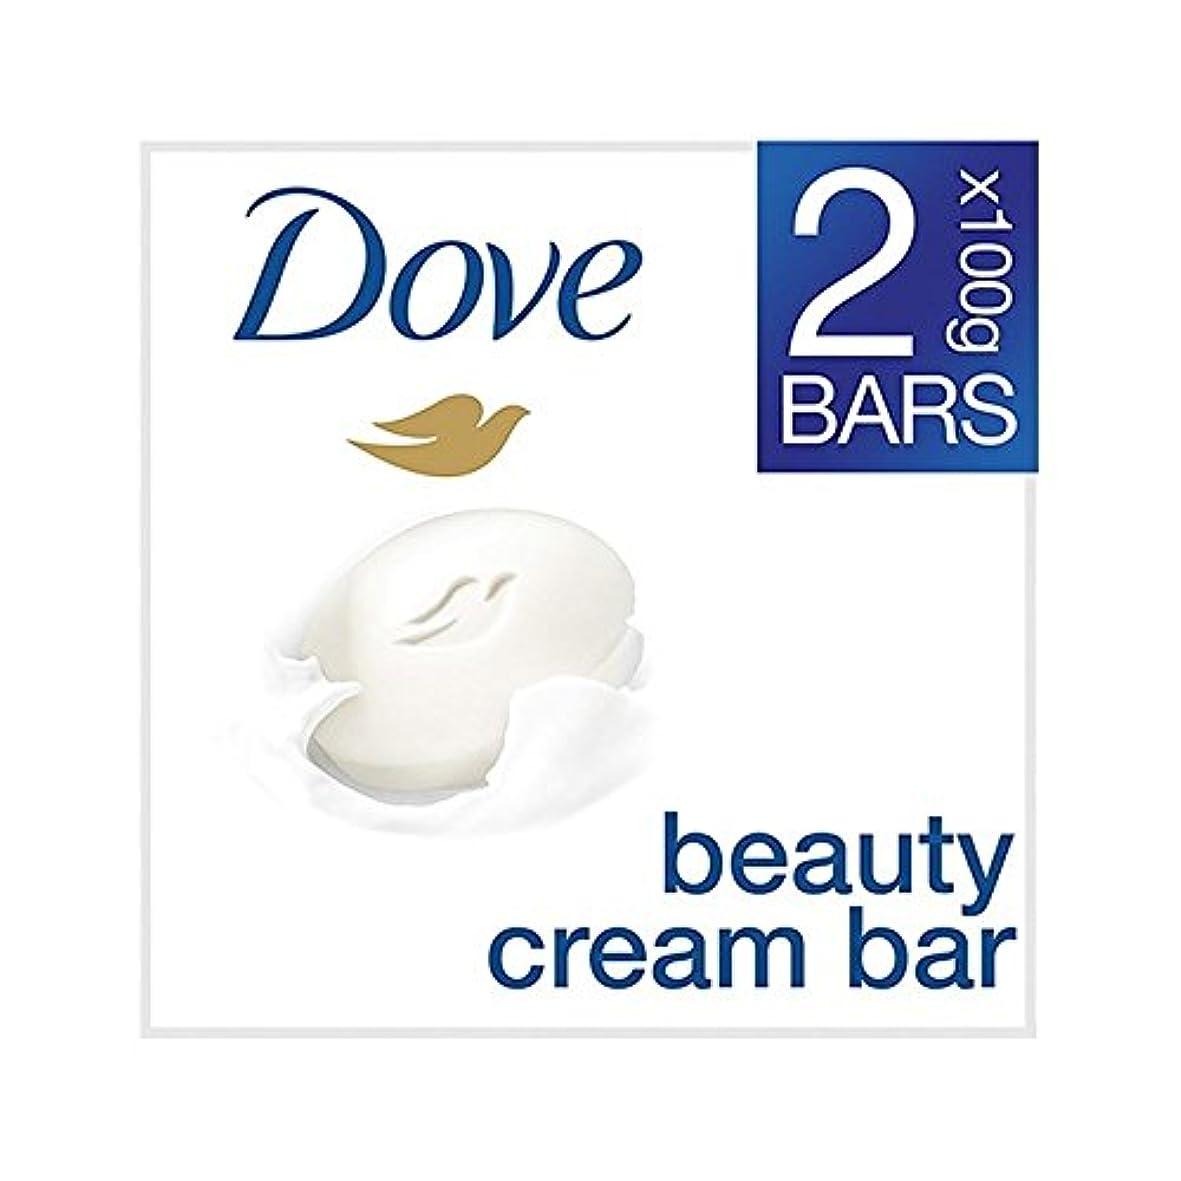 毎日商品パドル[Dove ] 鳩の美容クリームバーオリジナルの2×100グラム - Dove Beauty Cream Bar Original 2 x 100g [並行輸入品]